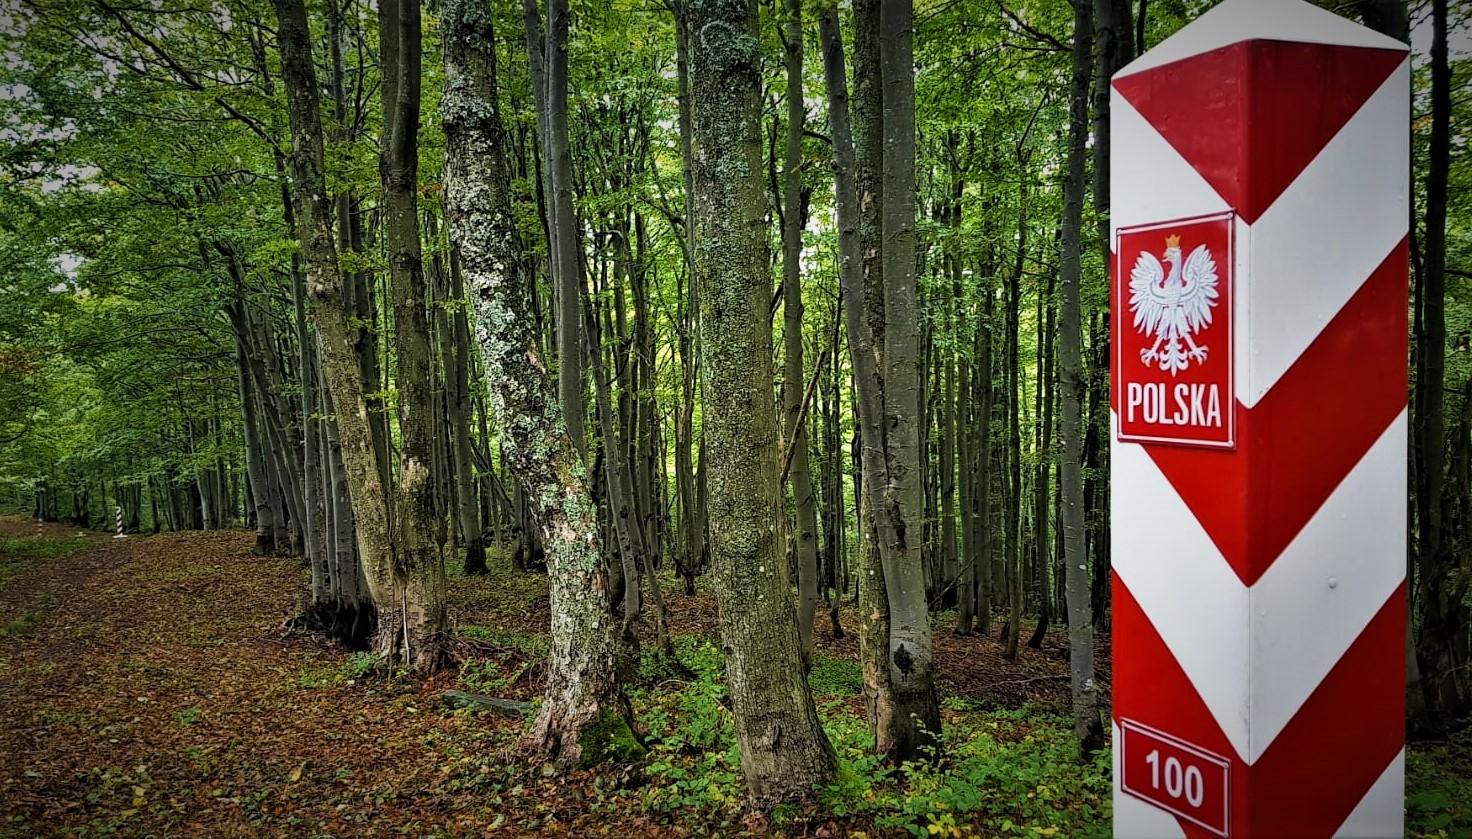 Nielegalny przerzut hindusów do Polski - Zdjęcie główne